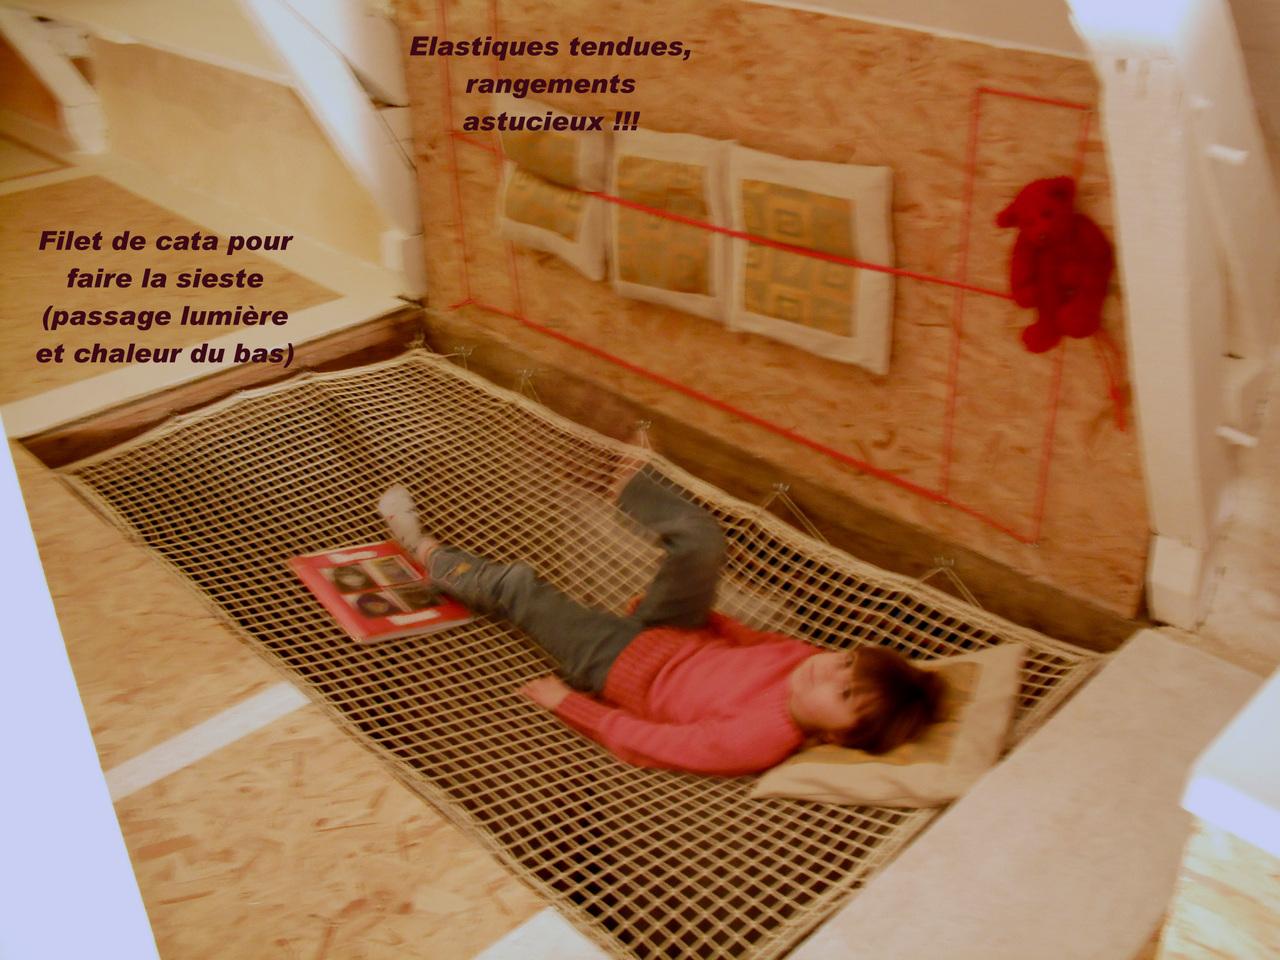 filet catamaran tramail nylon maille mm filet pour mezzanine location vacances maison erdeven. Black Bedroom Furniture Sets. Home Design Ideas